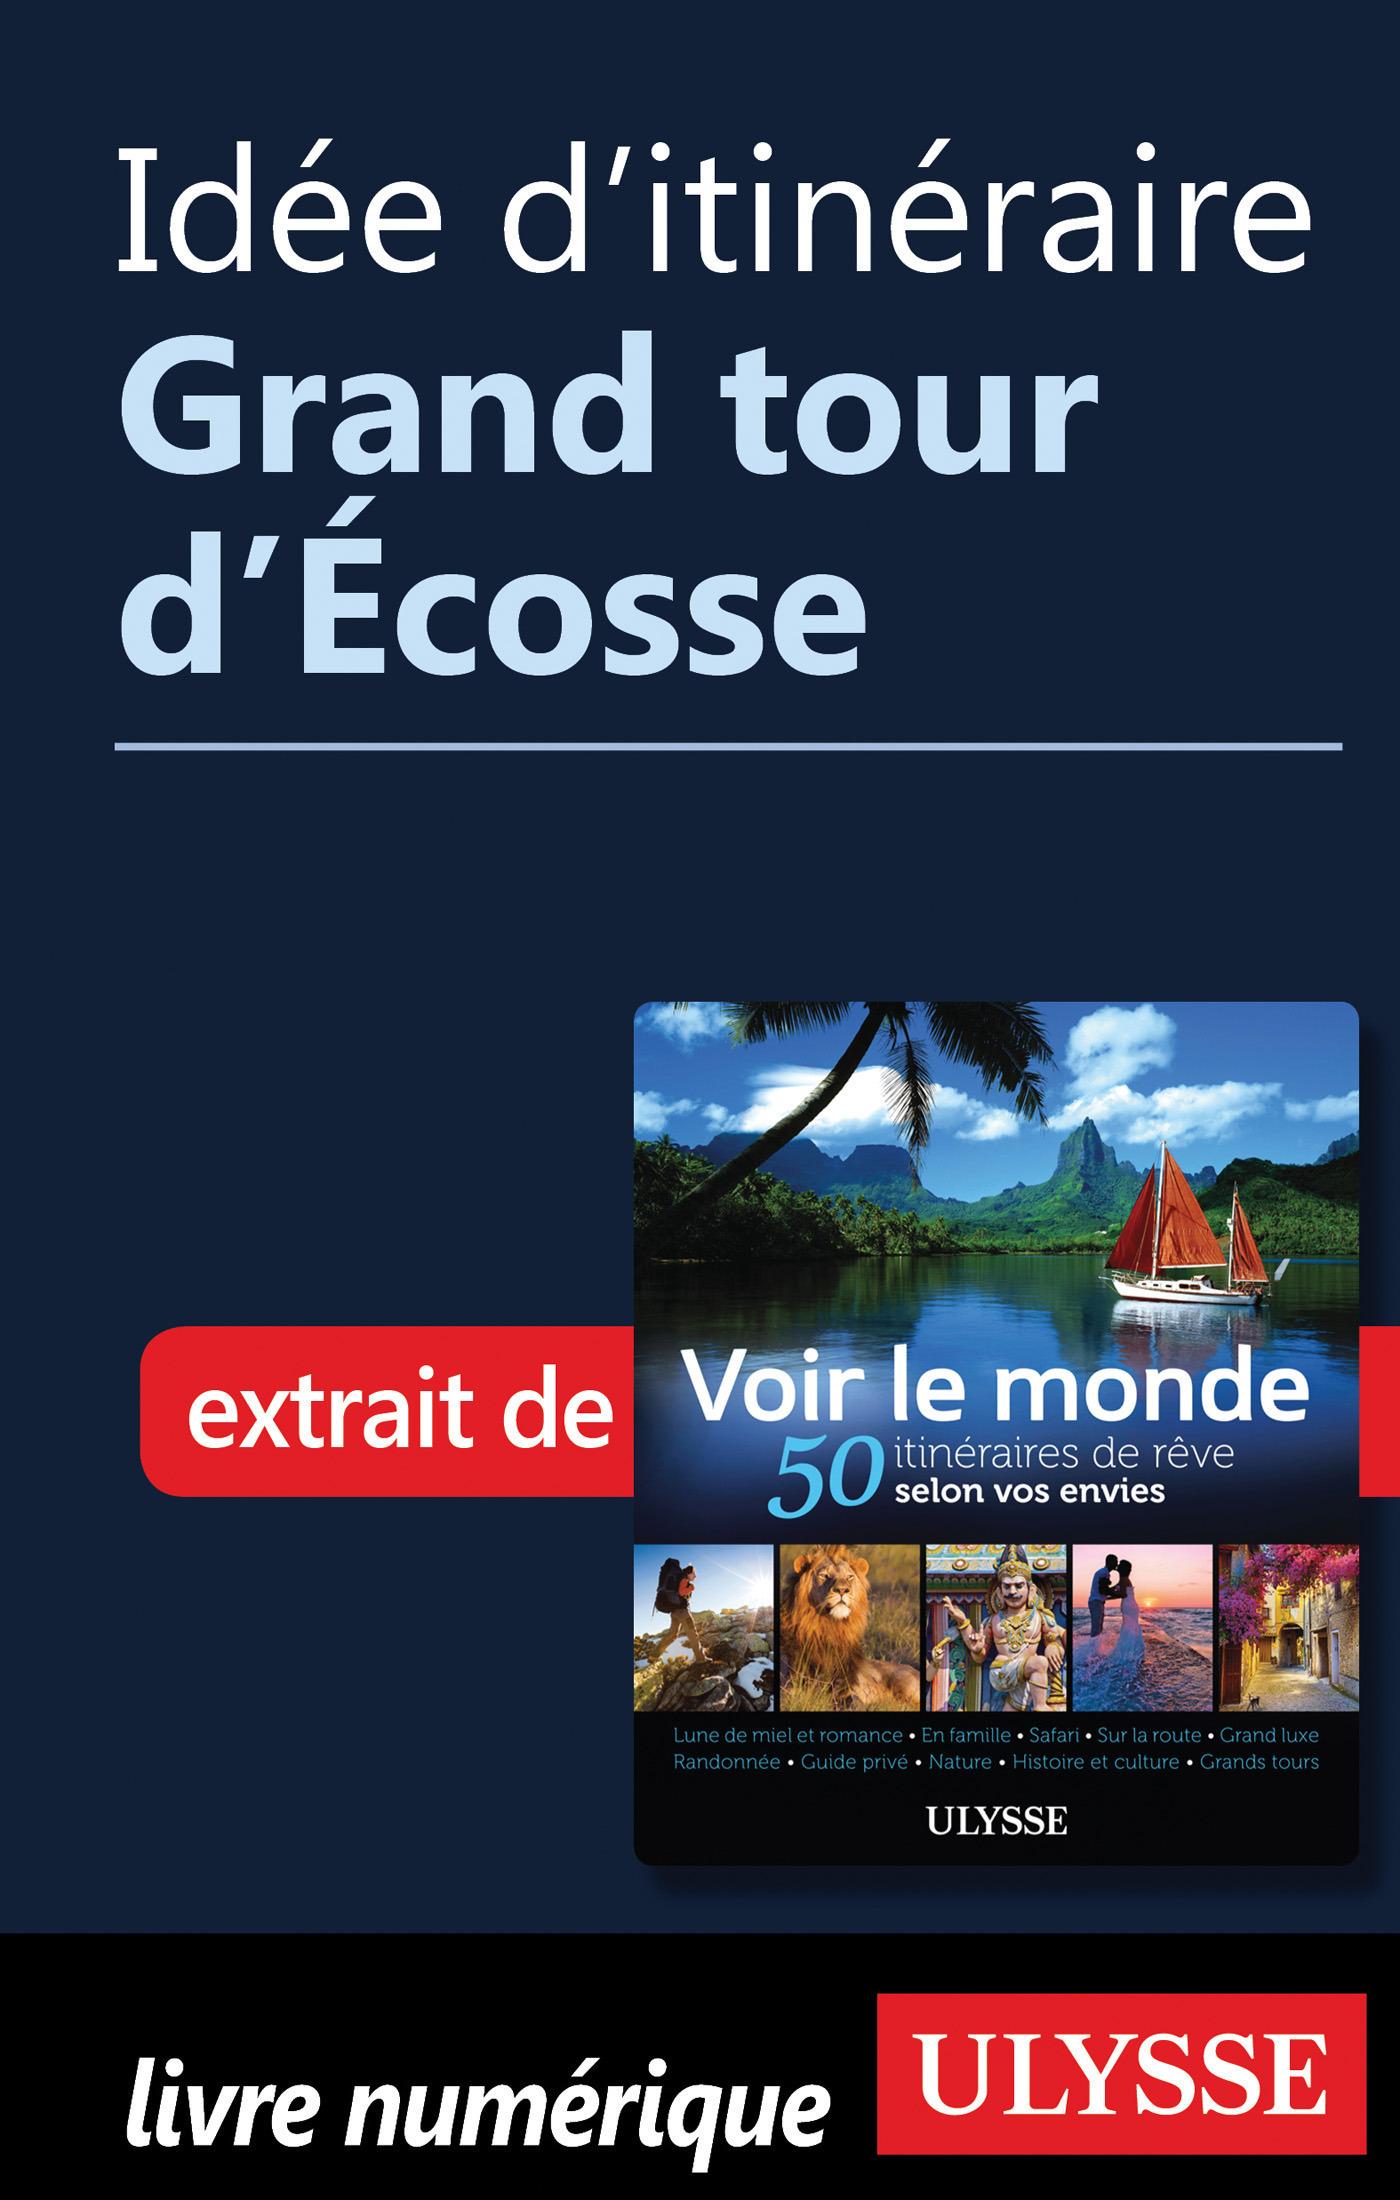 Idée d'itinéraire - Grand tour d'Ecosse